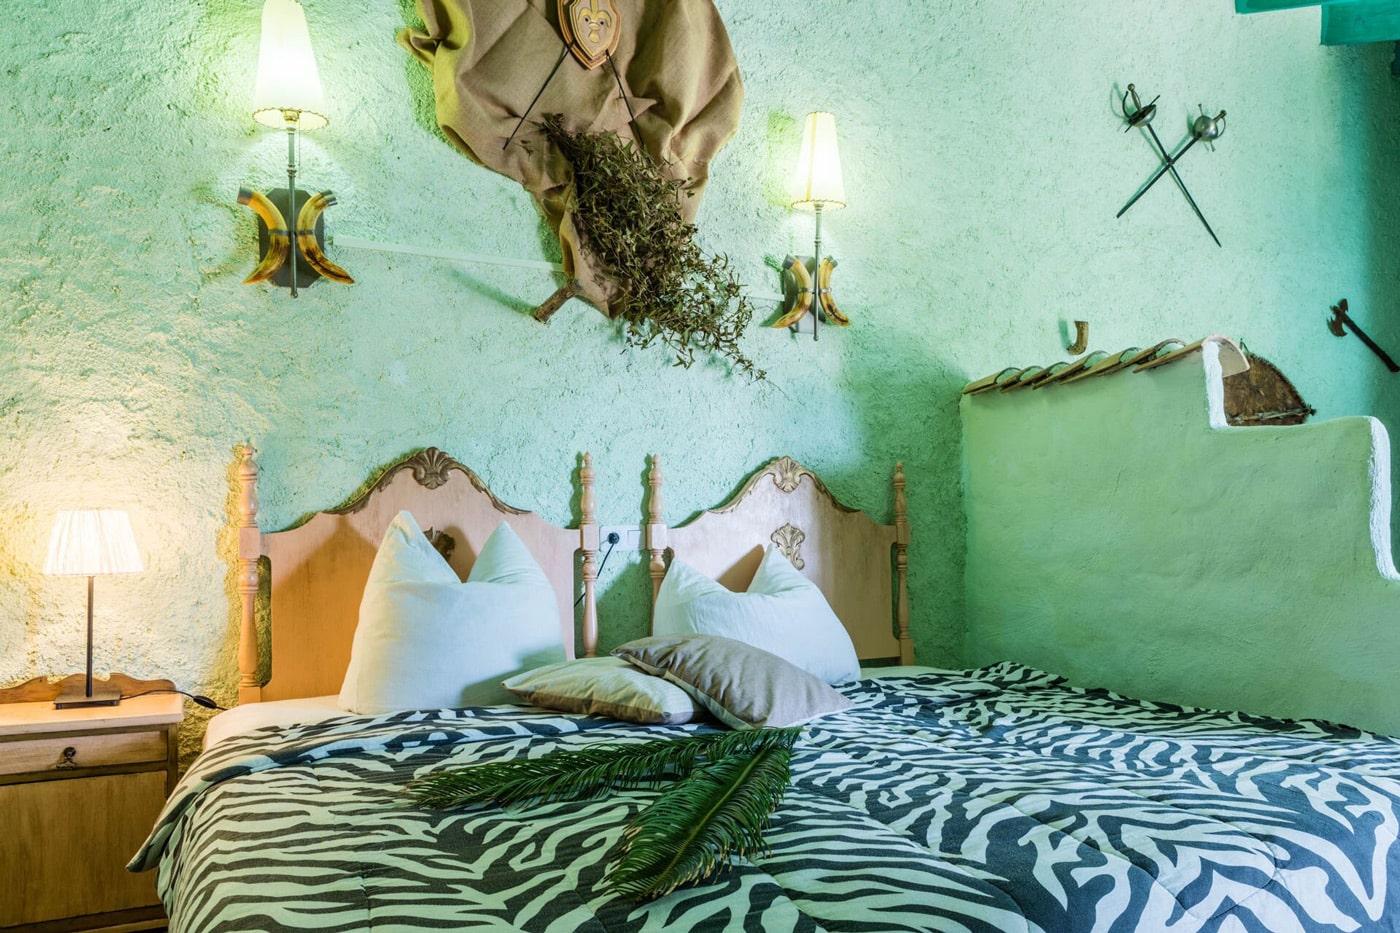 Schlafzimmer in tuerkis mit Zebradecke